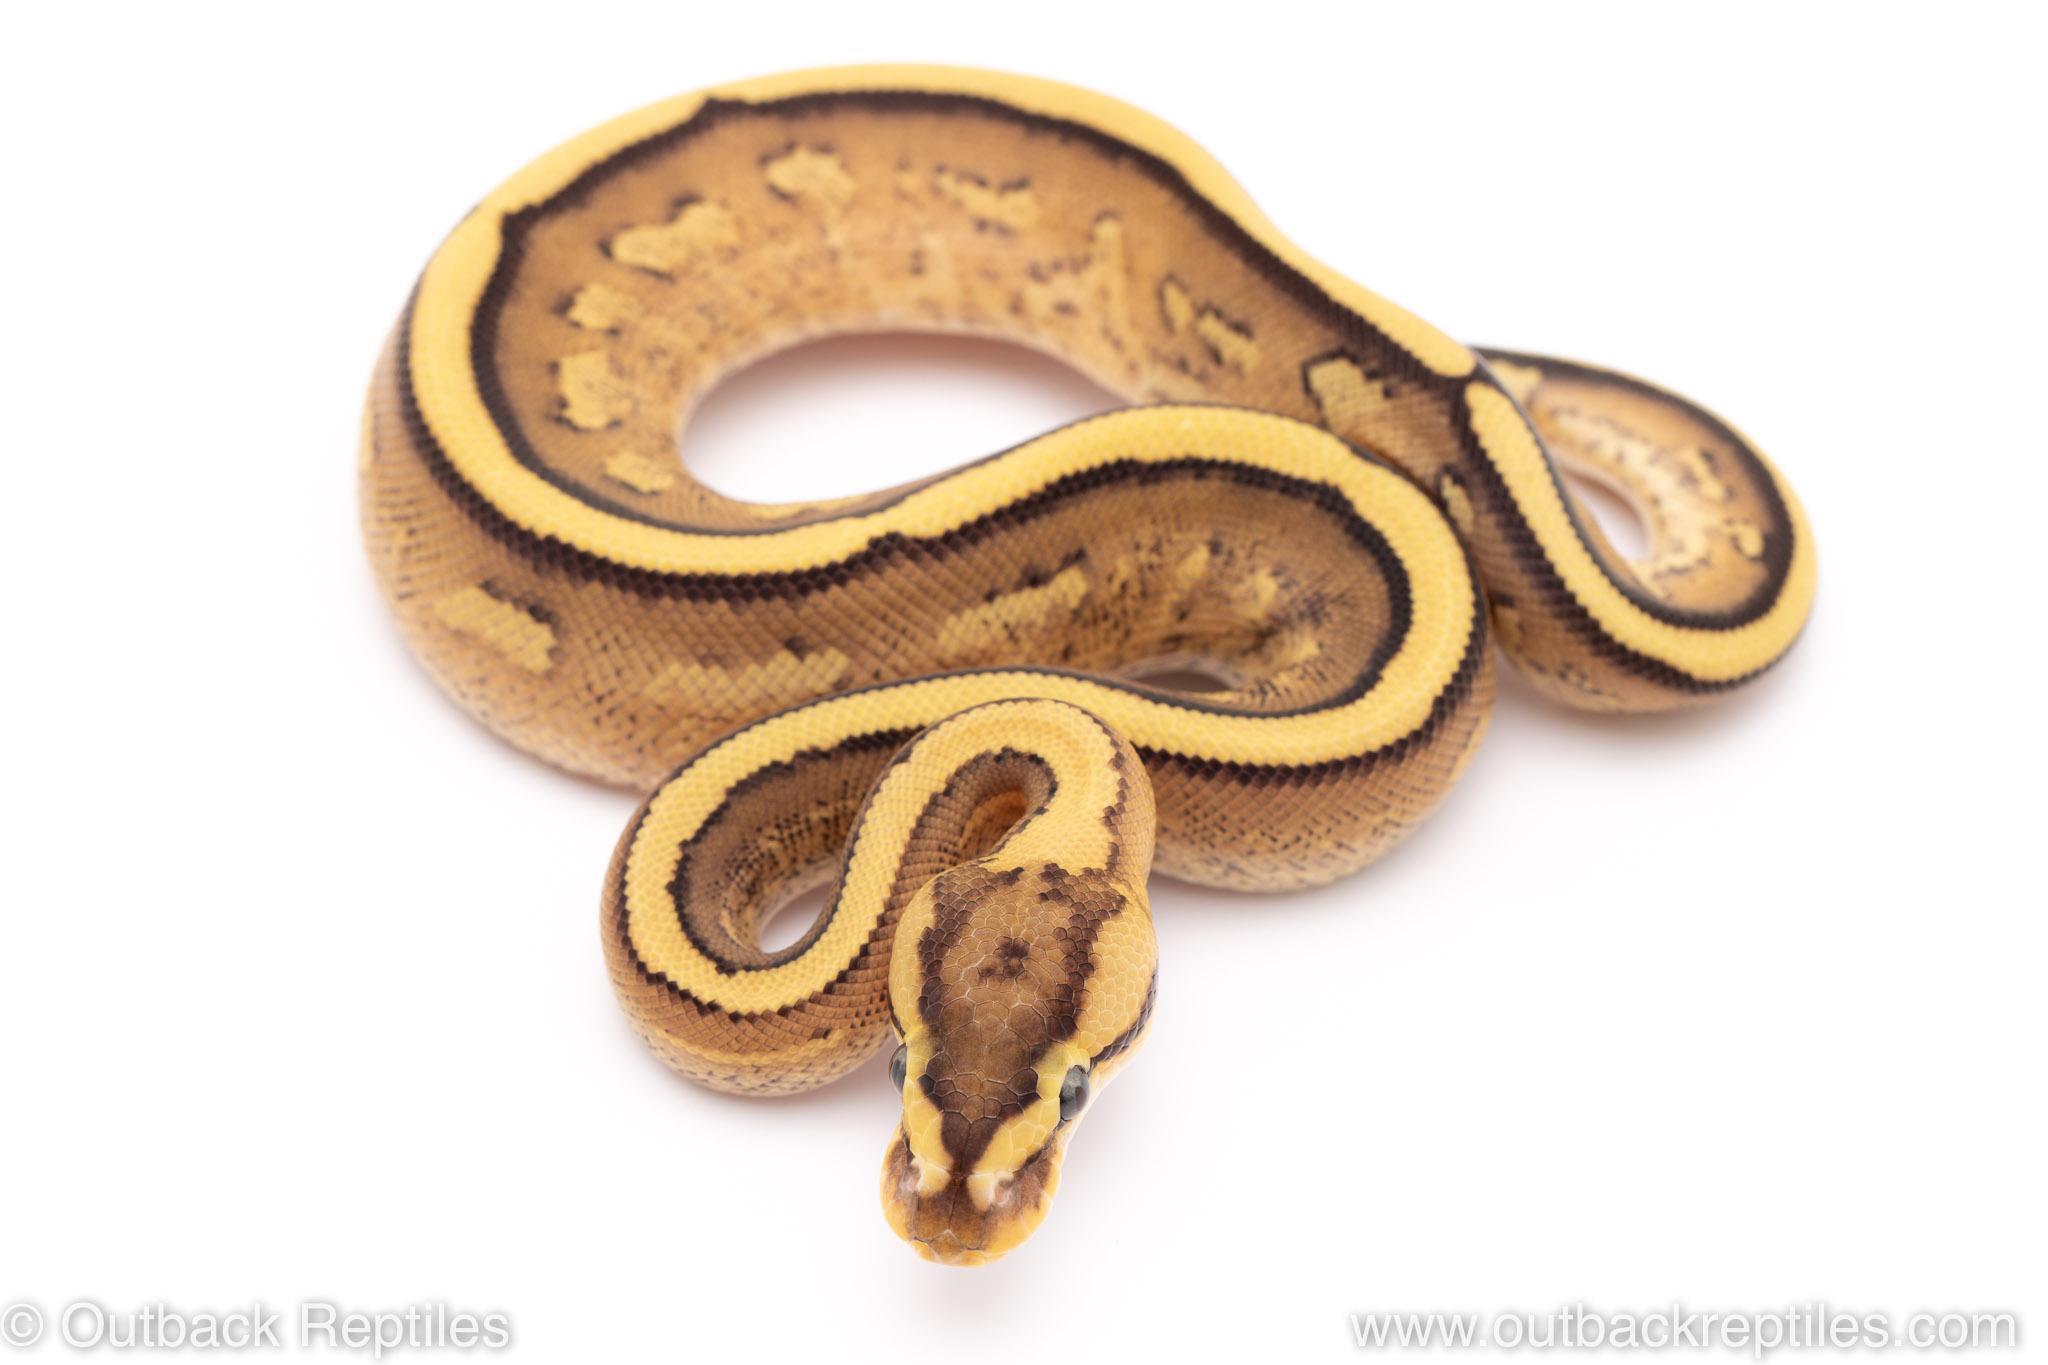 Super Stripe het VPI Axanthic ball python for sale